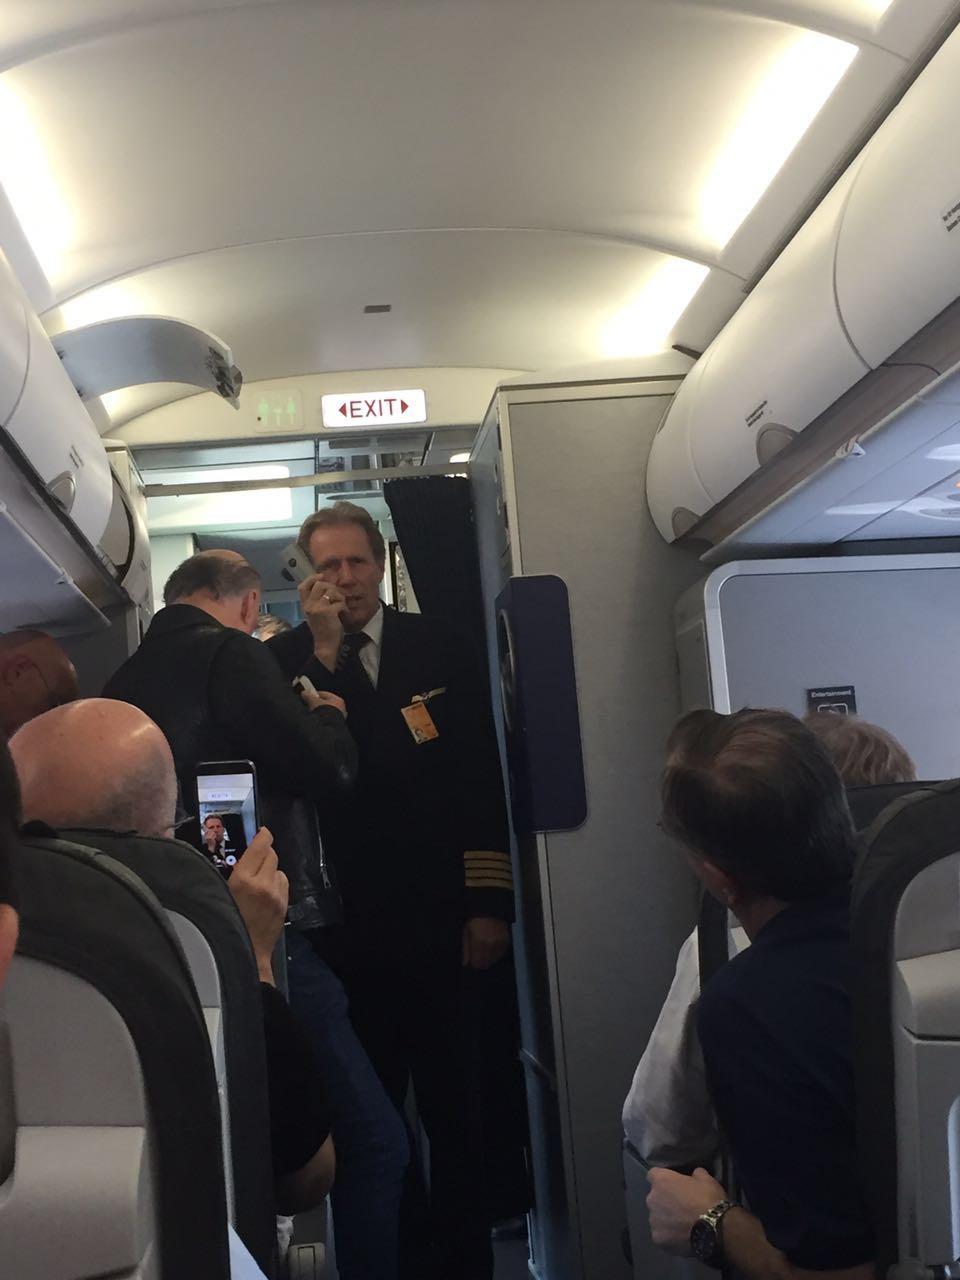 בומרנג: תבעה את חברת התעופה אך חויבה בעצמה בתשלומי פיצויים